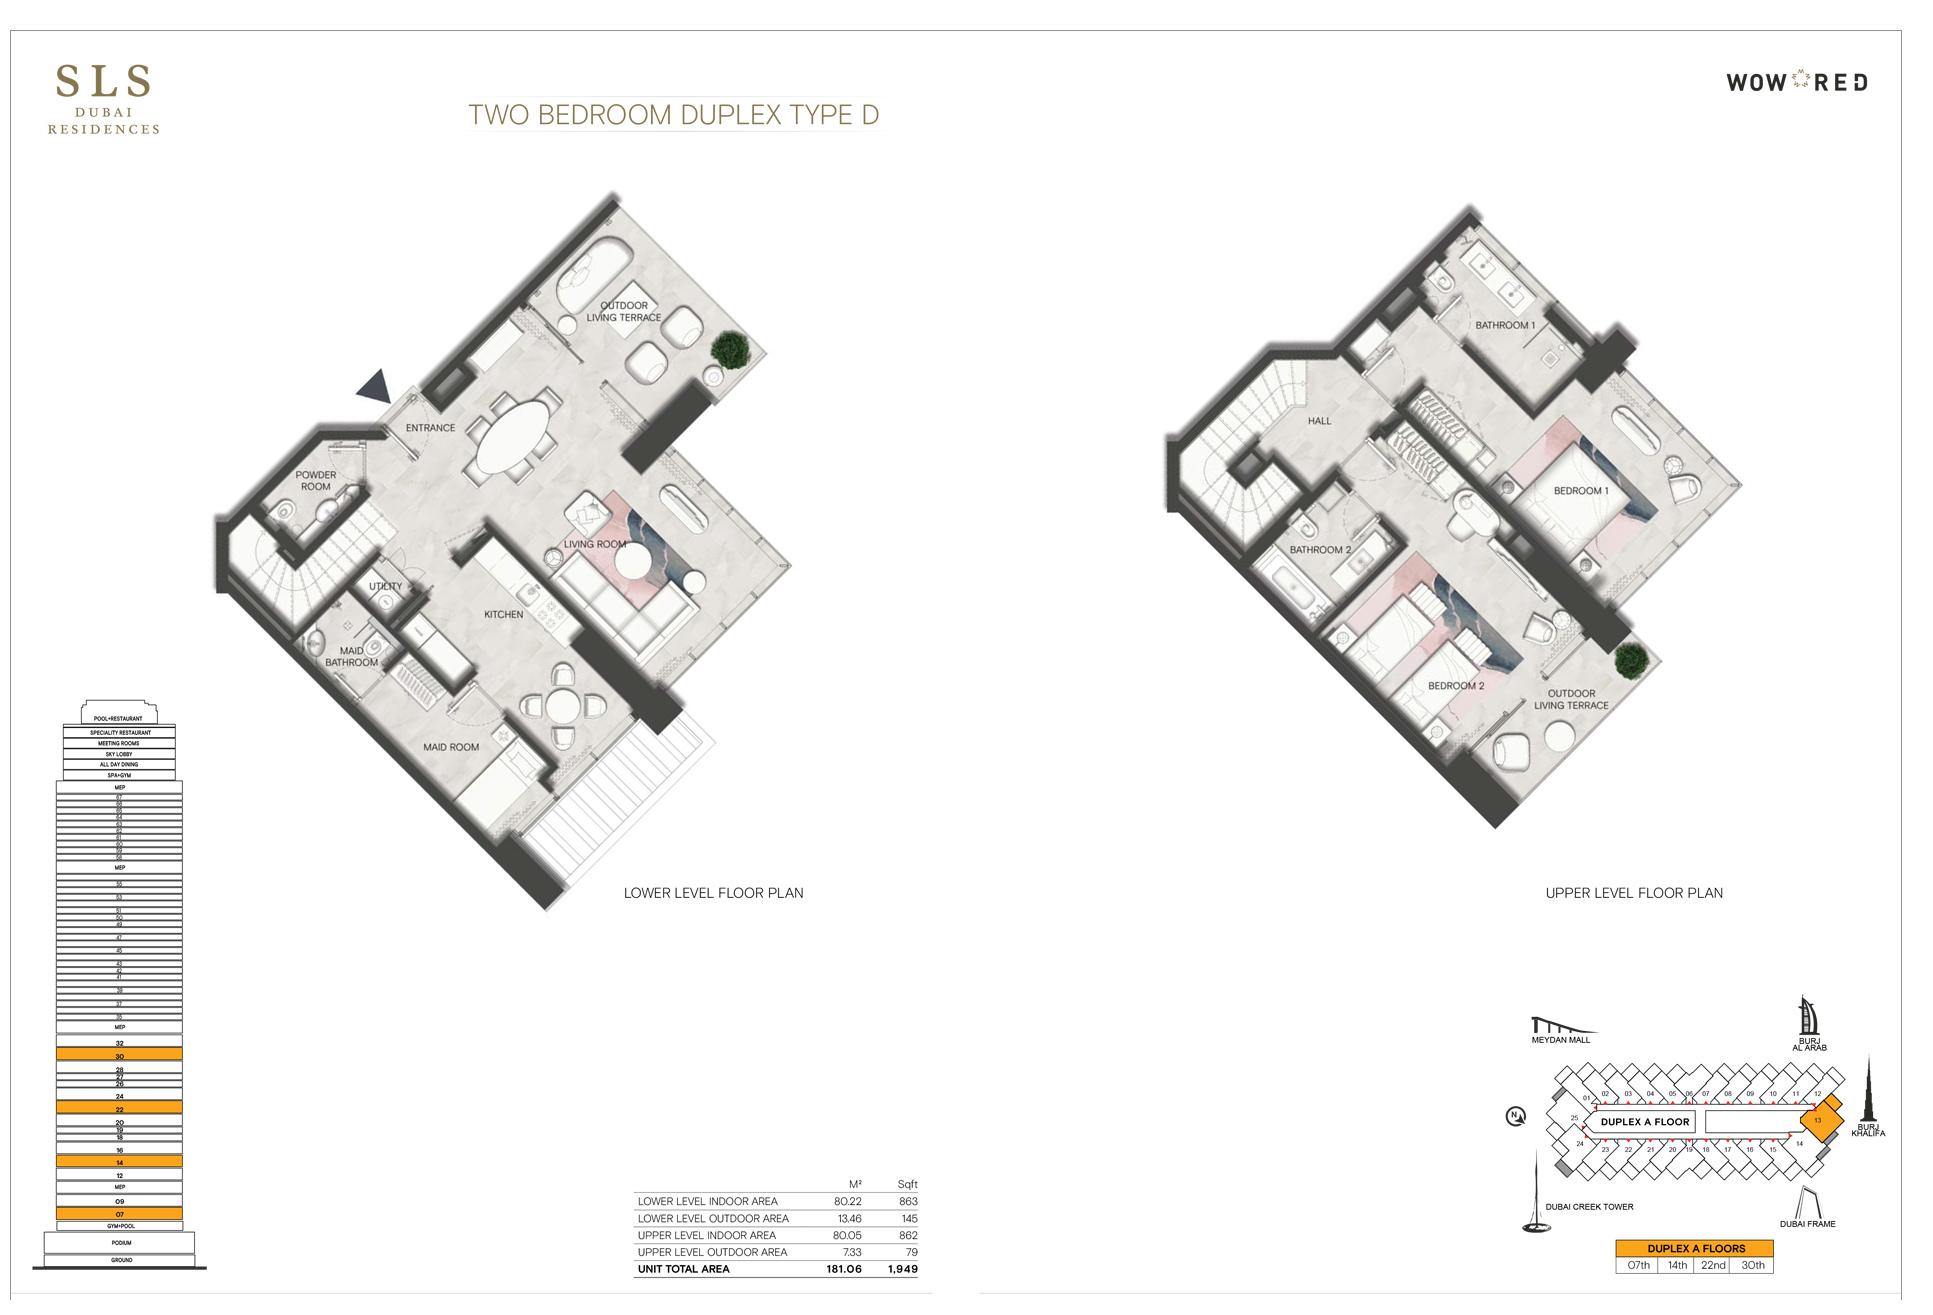 2 Bedroom Duplex Type D Size 1949 sq.ft